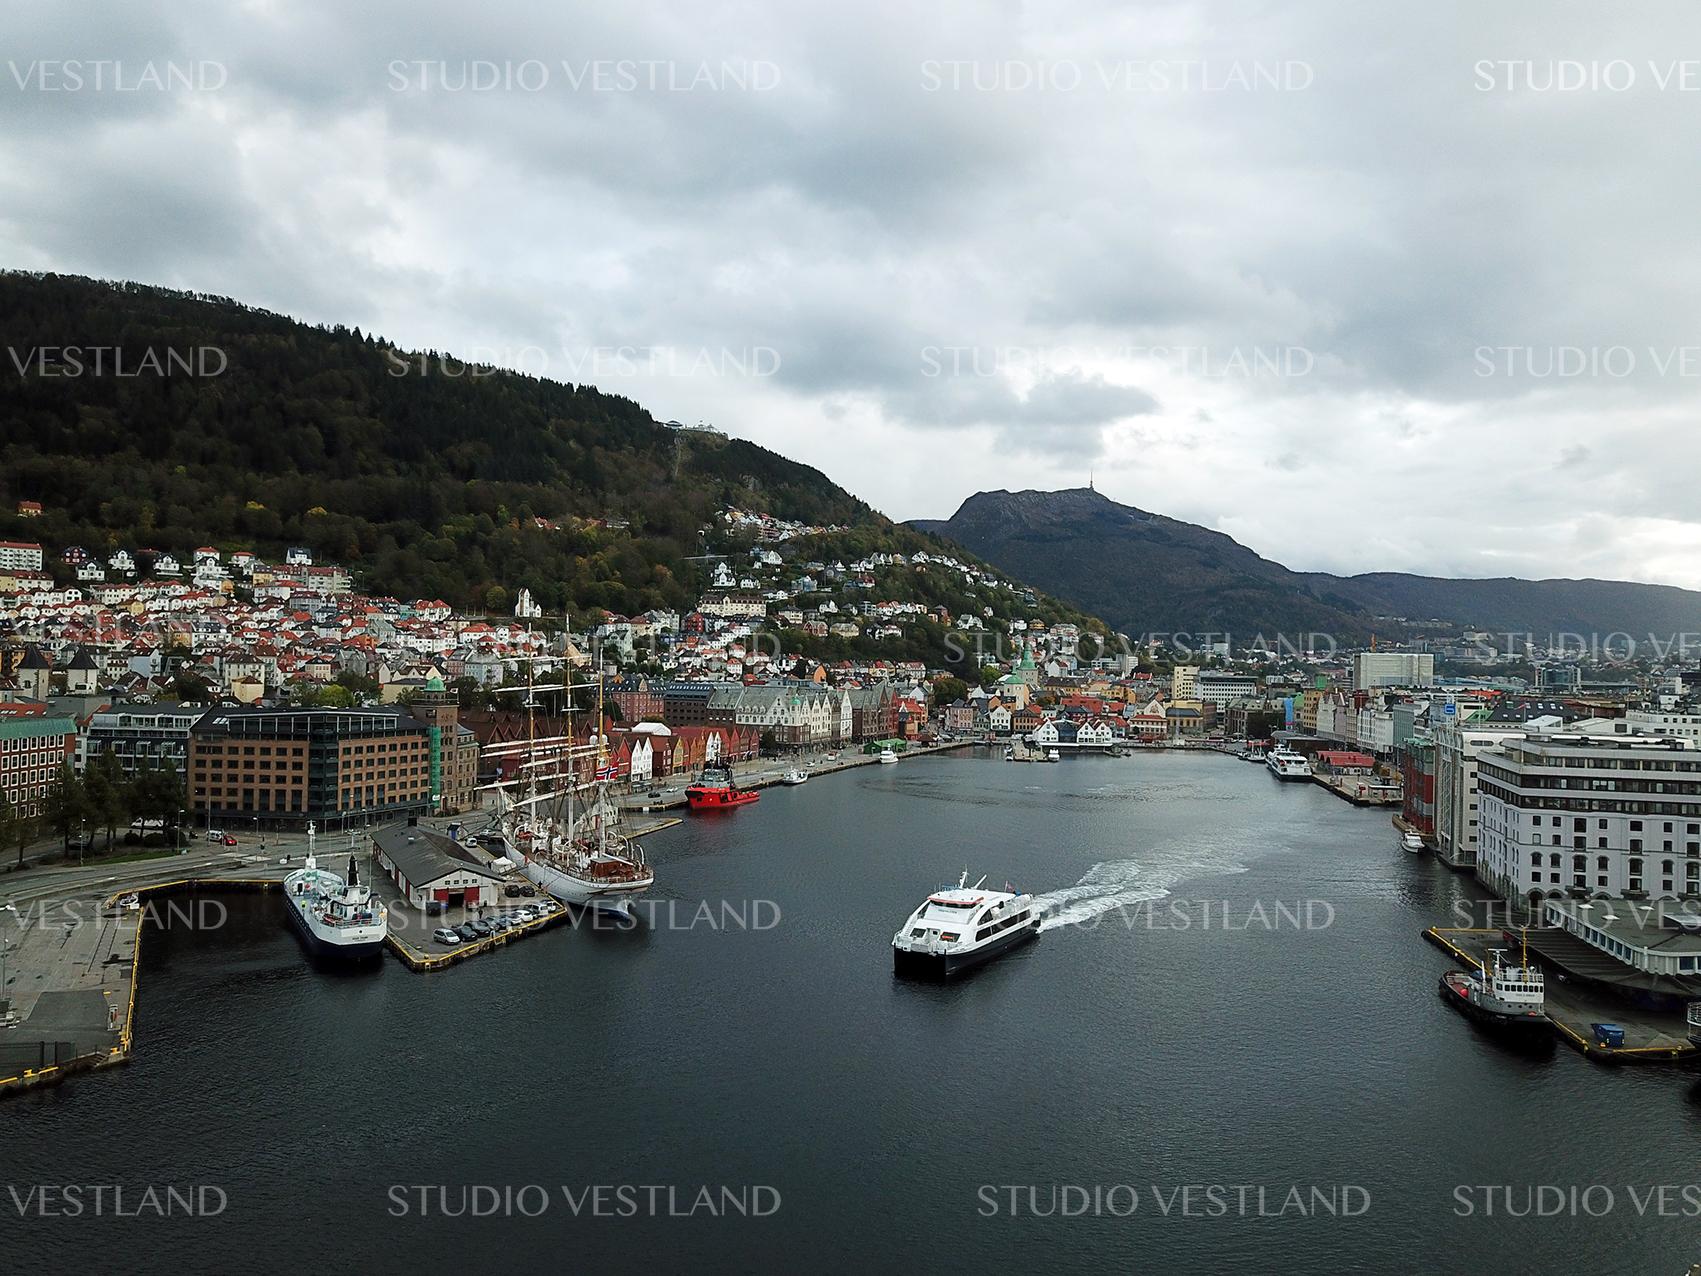 Studio Vestland - Bergen 04